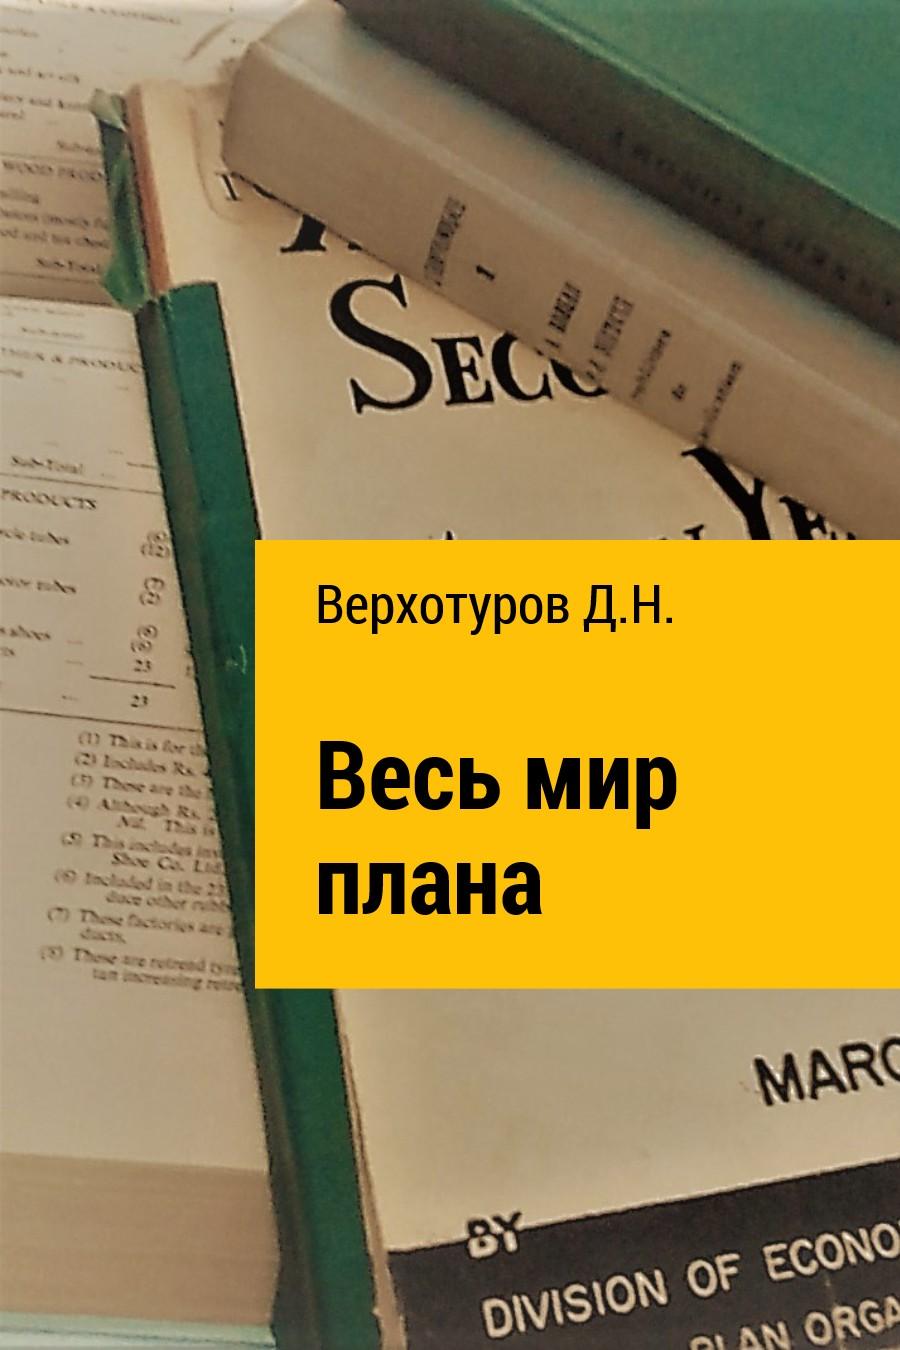 Обложка книги. Автор - Дмитрий Верхотуров